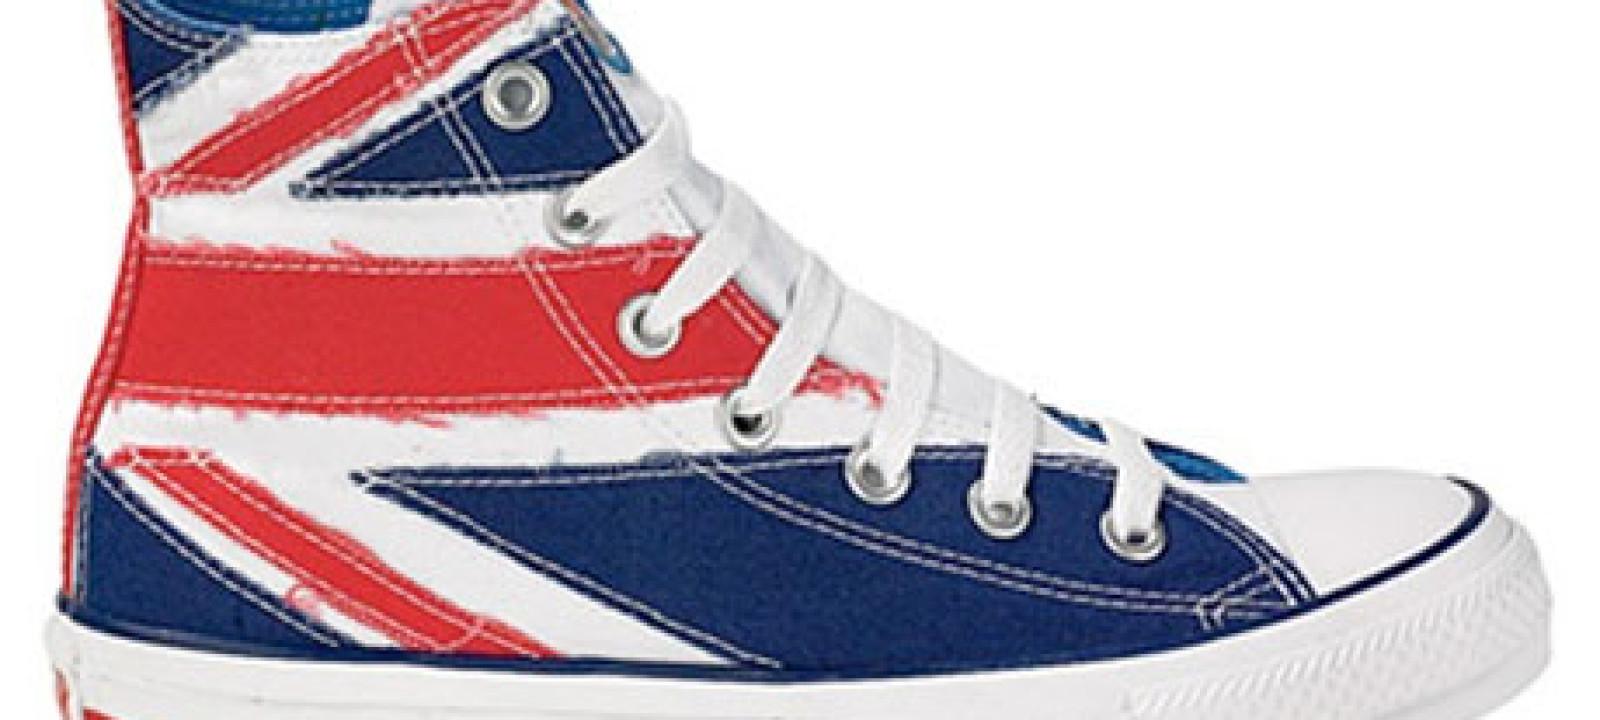 Union flag shoe